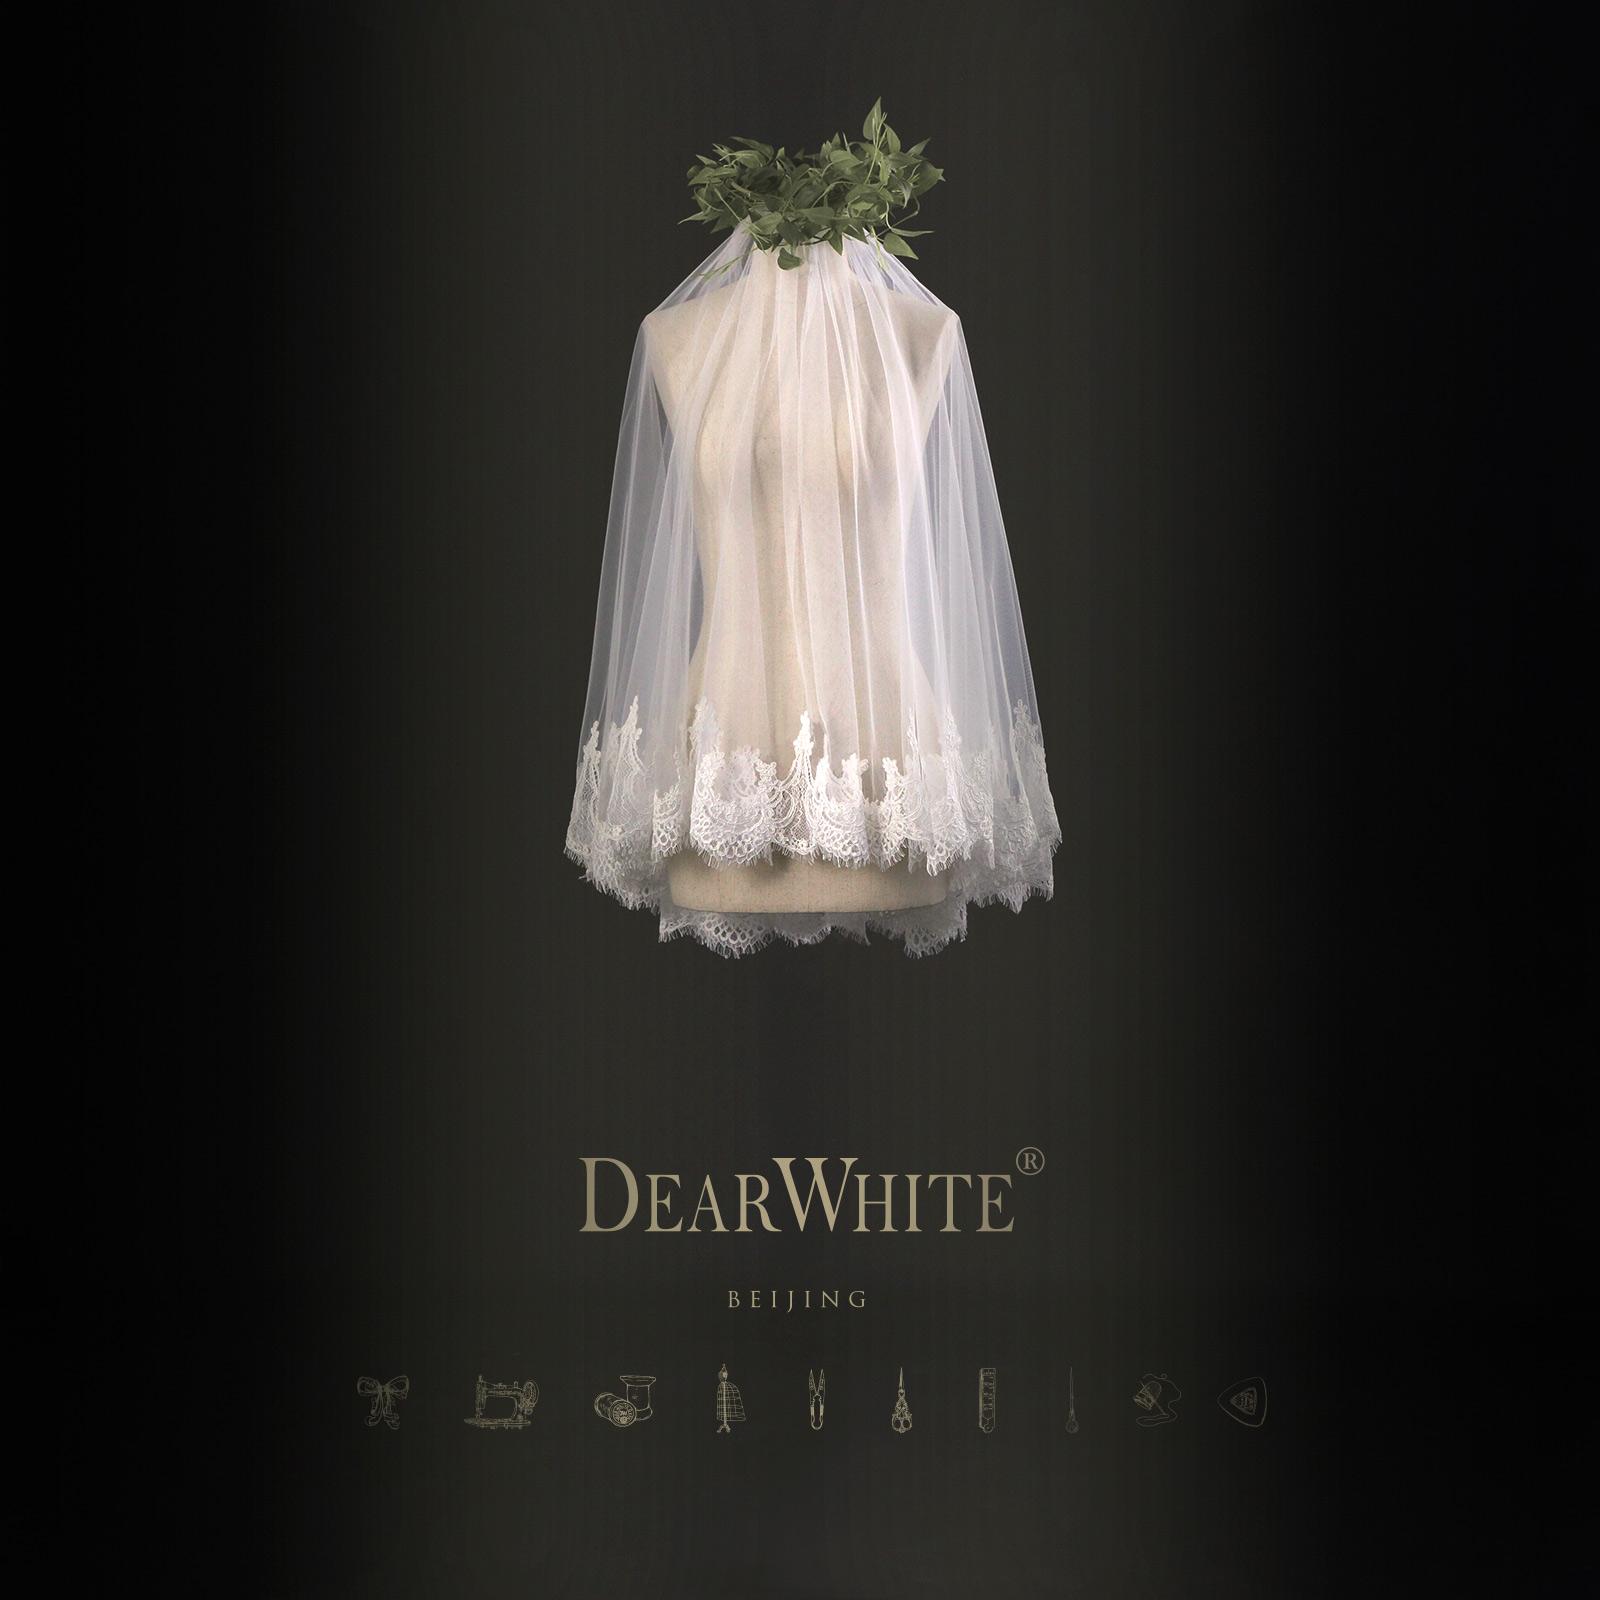 """Близко любовь уайт-плейнс создание подлинного """" облако бамбук «DearWhite новый свадьба корейский краткое модель невеста вуаль"""